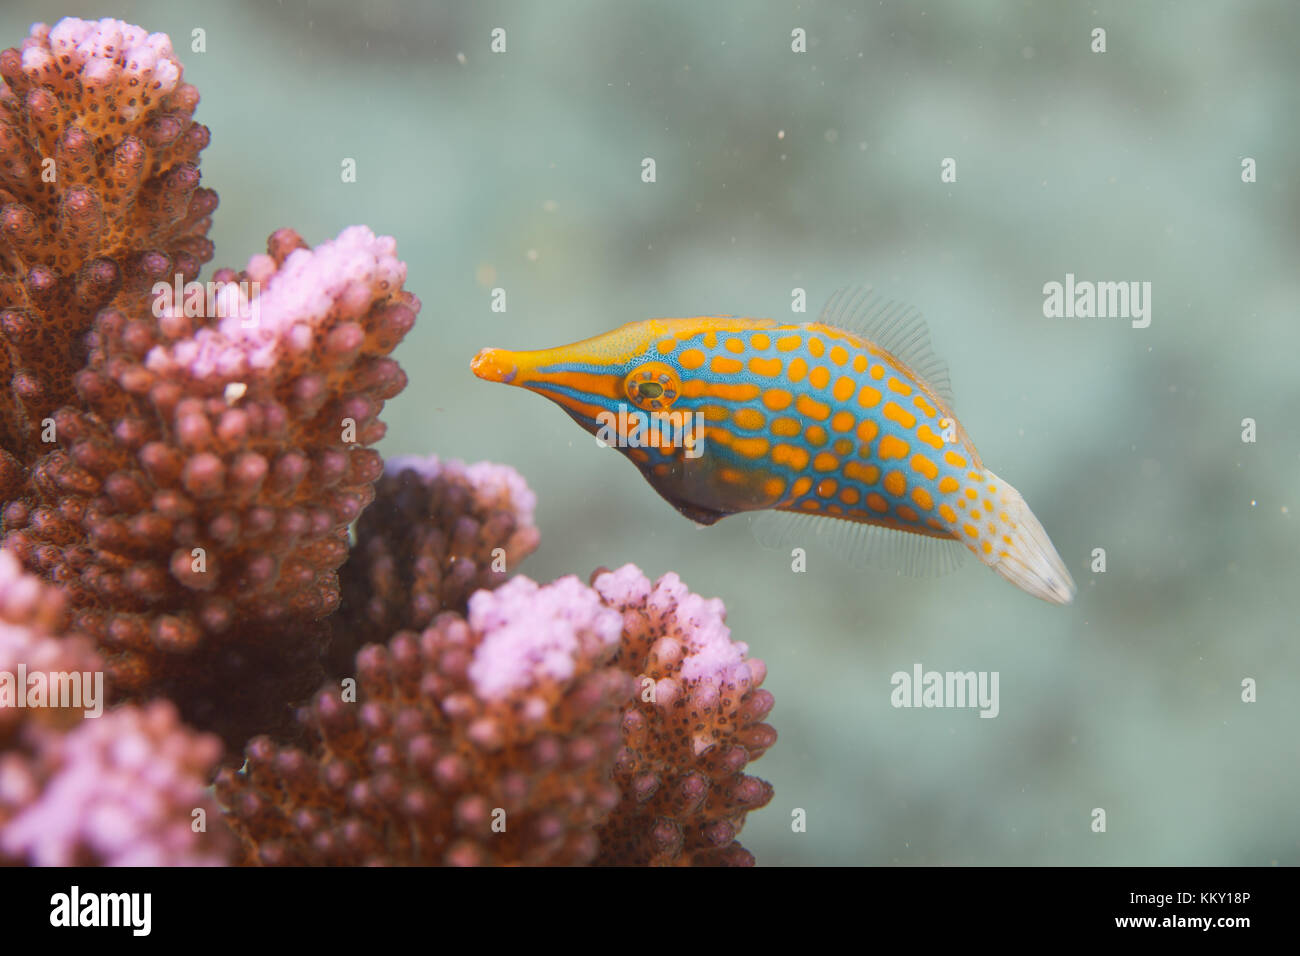 Orange und Türkis Koralle Fisch - Seychellen - Afrika Stockfoto